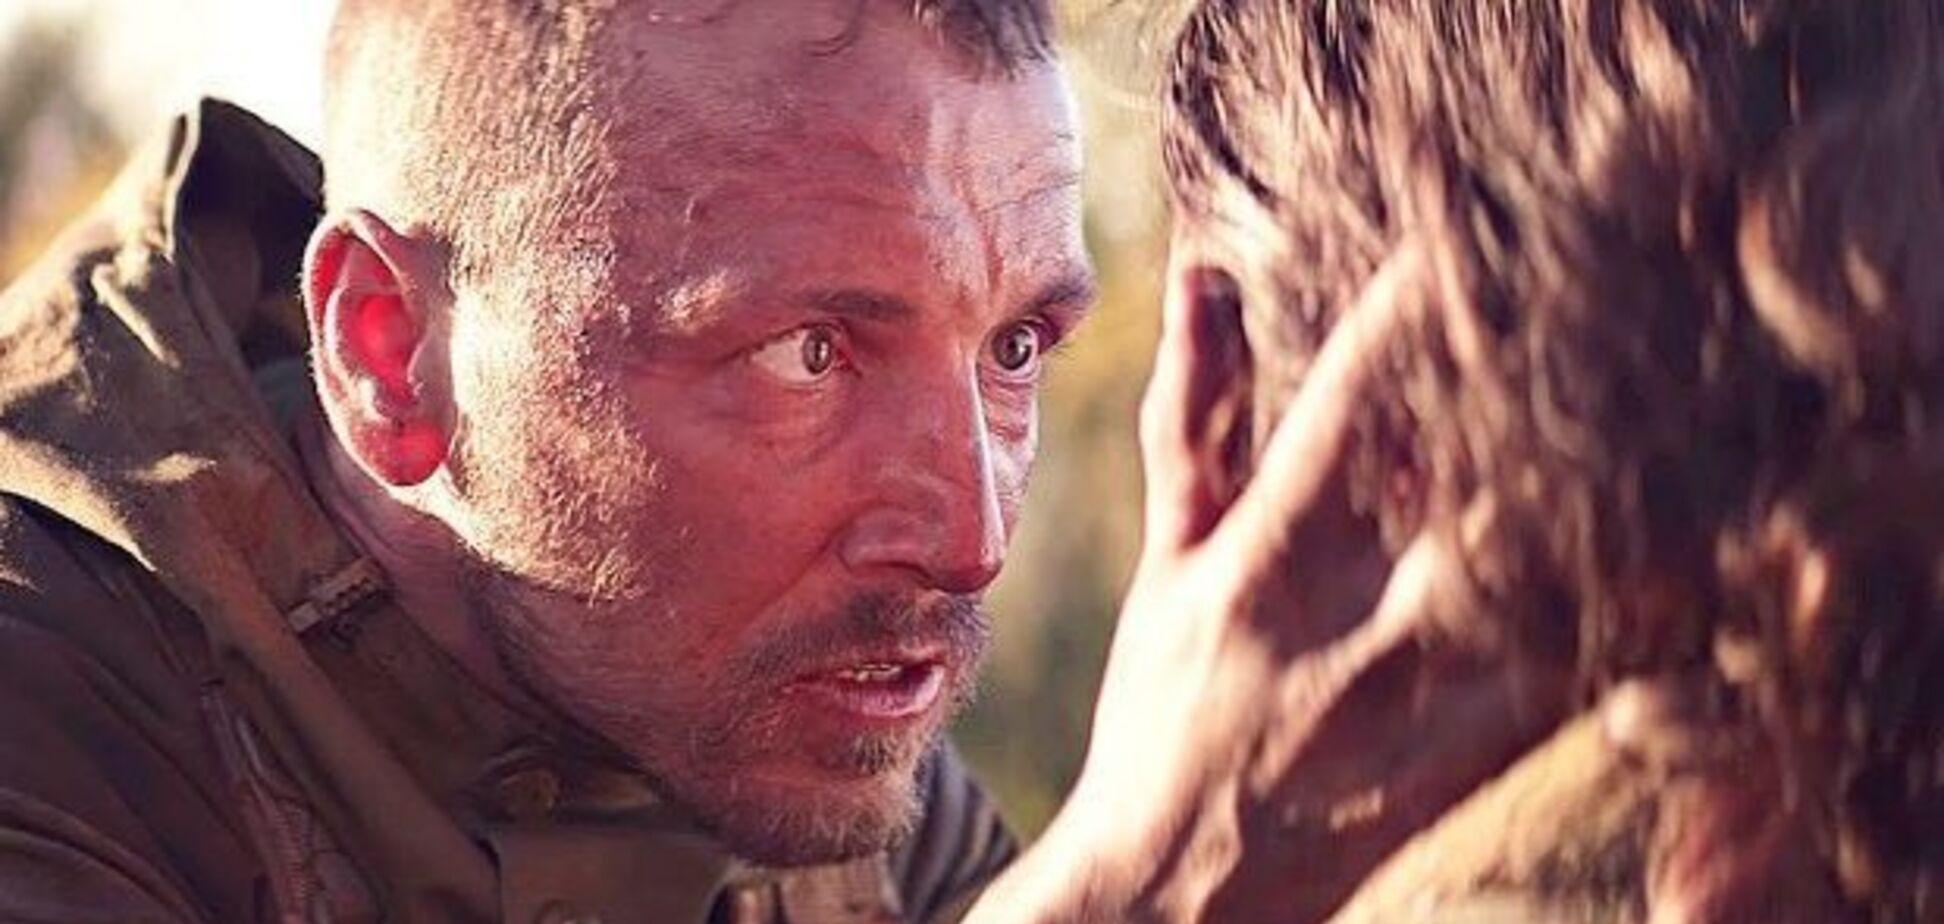 ''Ми йшли, а люди плакали'': про хороше і погане у фільмі 'Позивний 'Бандераc'